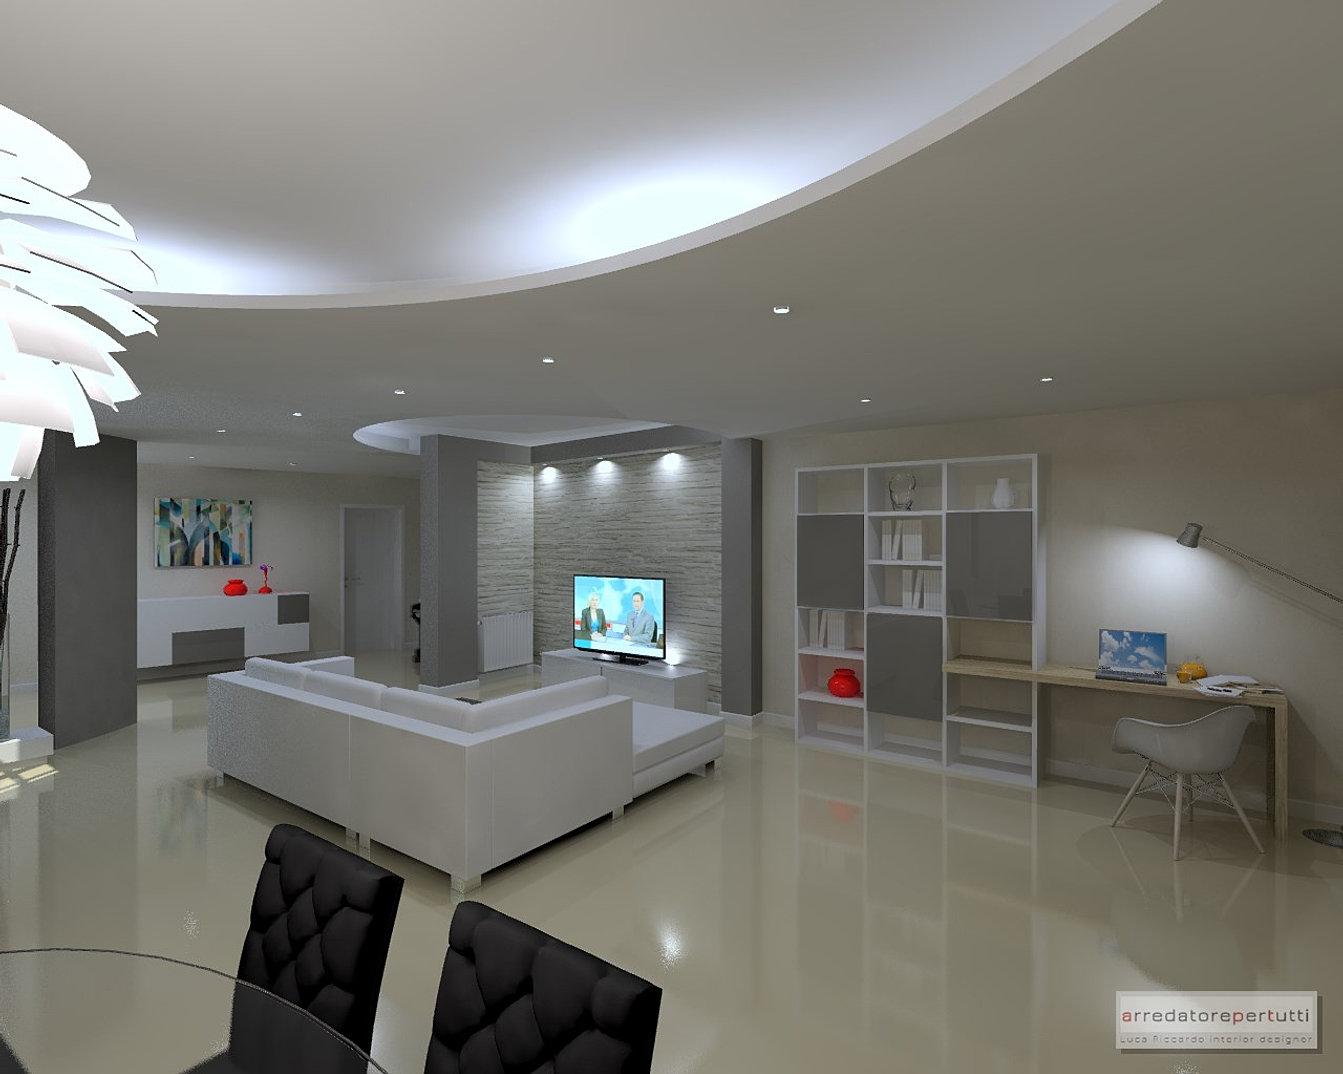 Progettazione d 39 interni progettazione interni online for Design interni